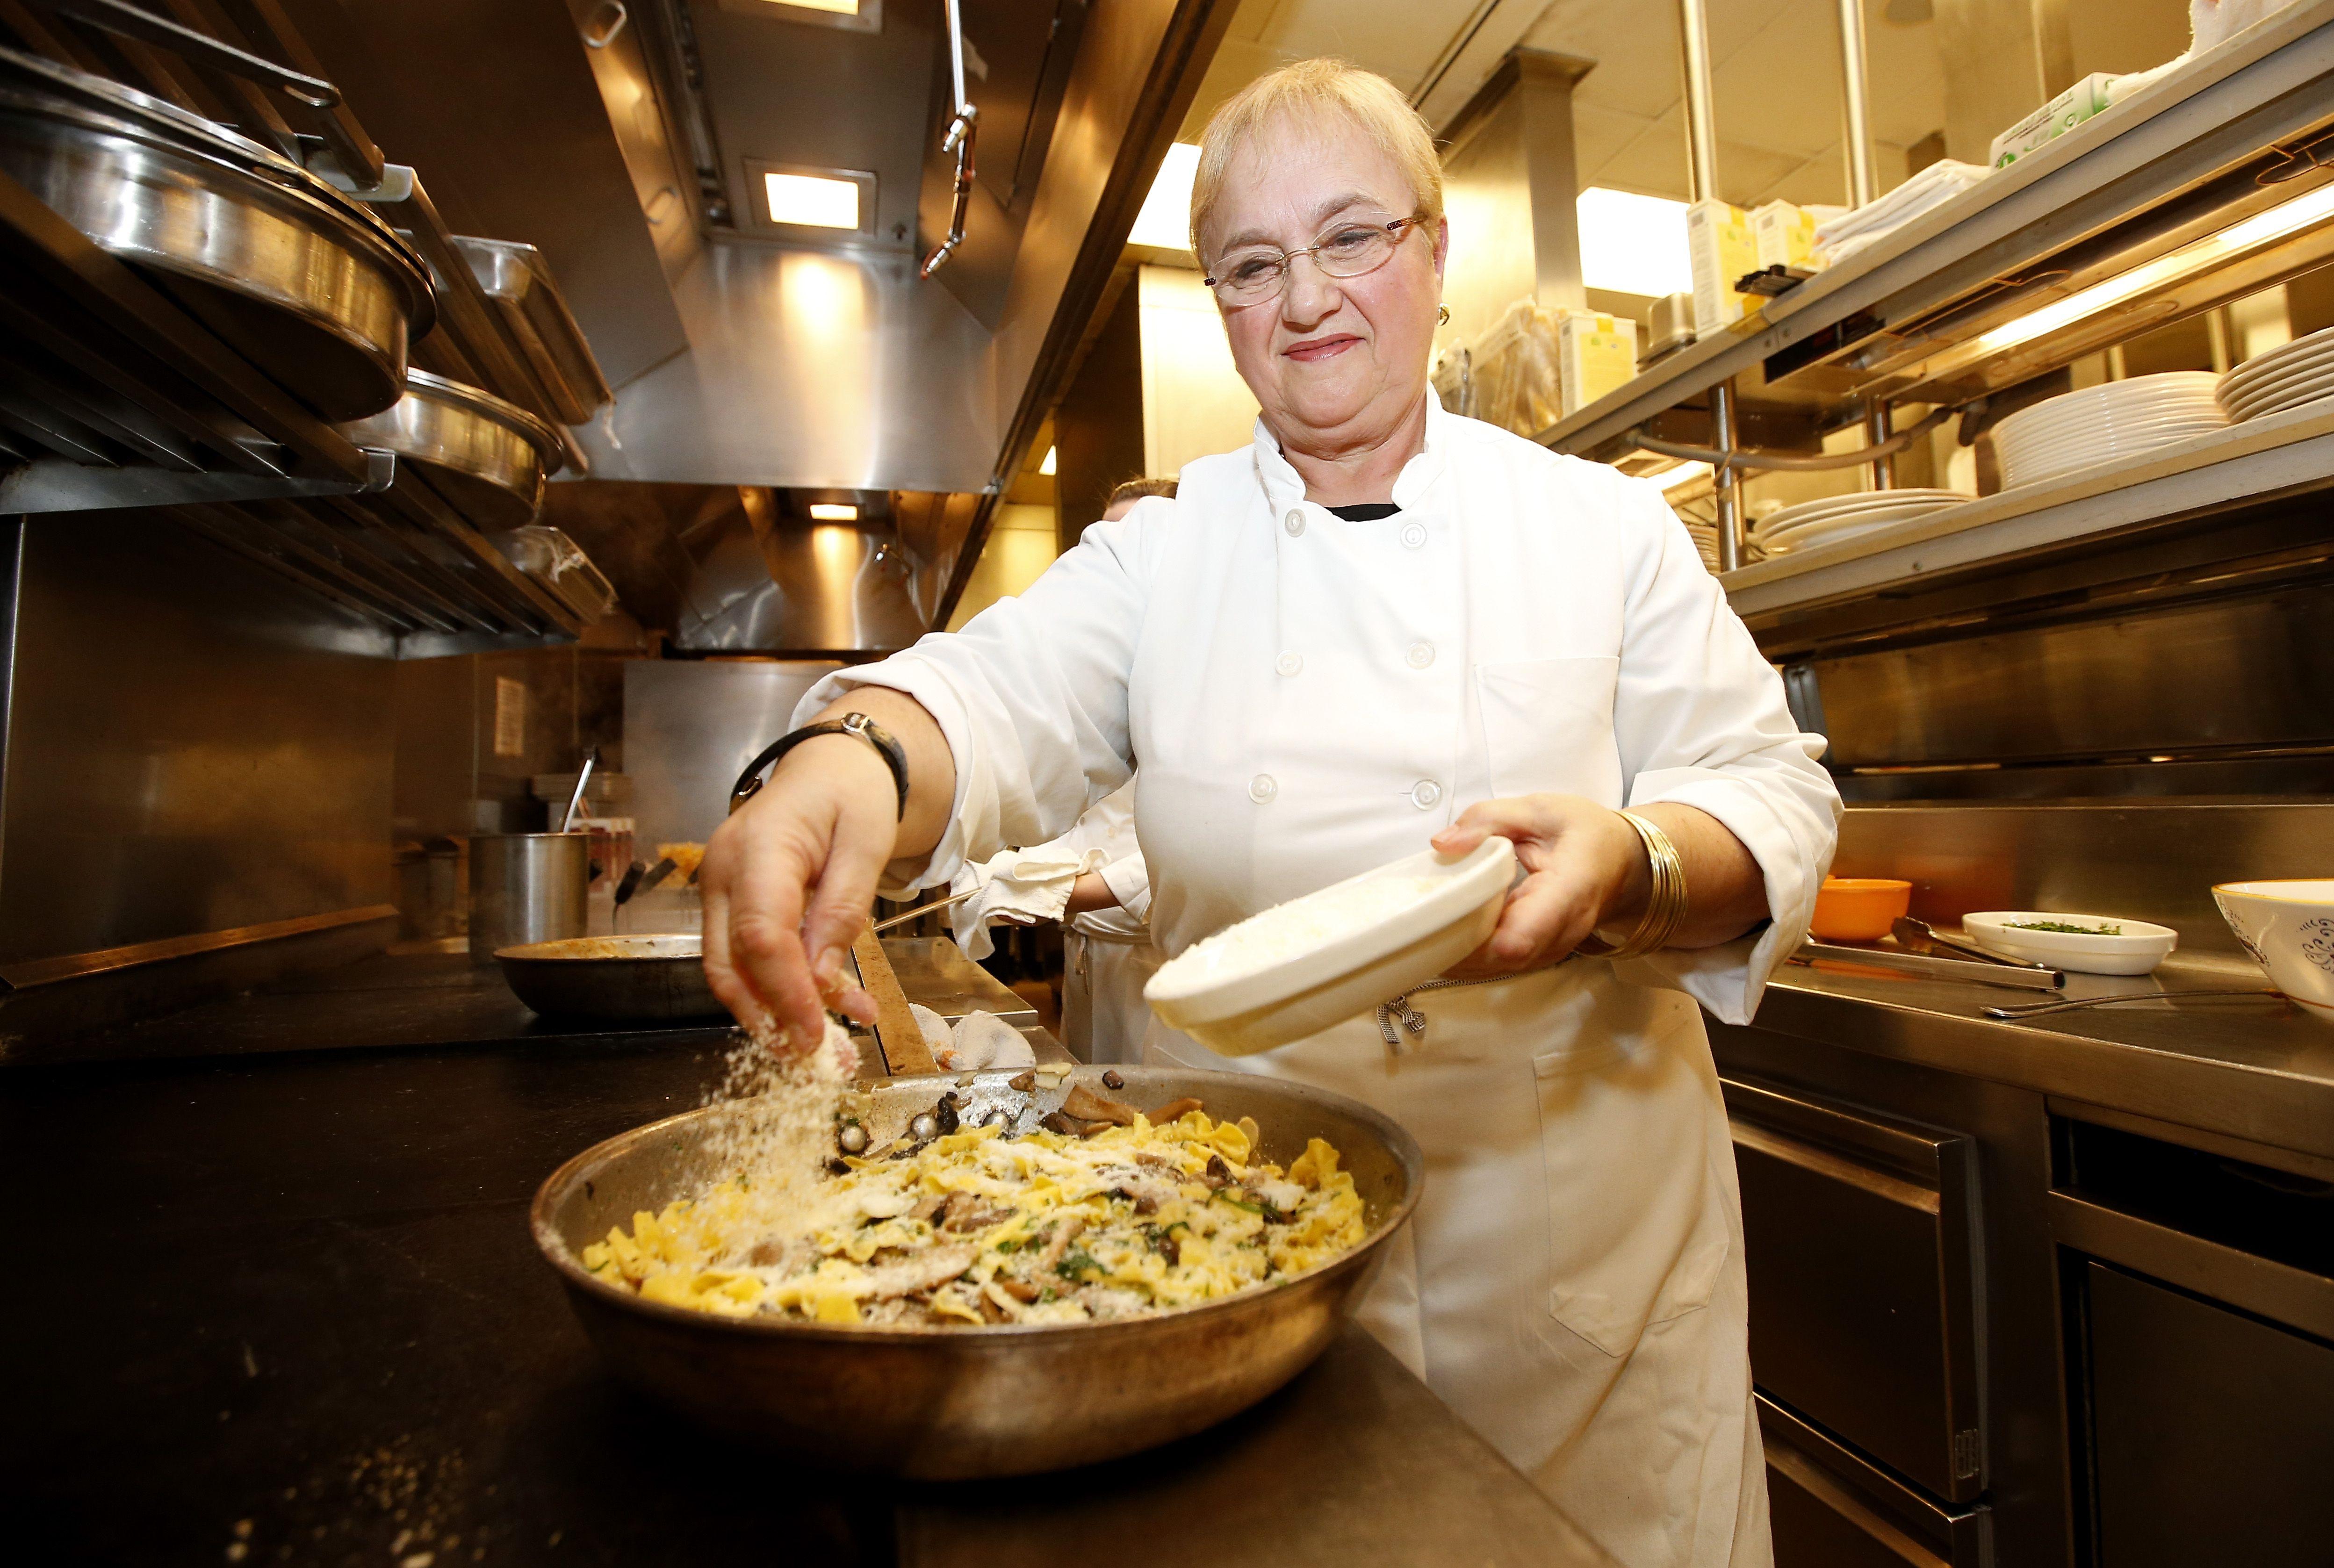 Programmi Tv Di Cucina Americani lidia bastianich: biografia di una chef diva della tv